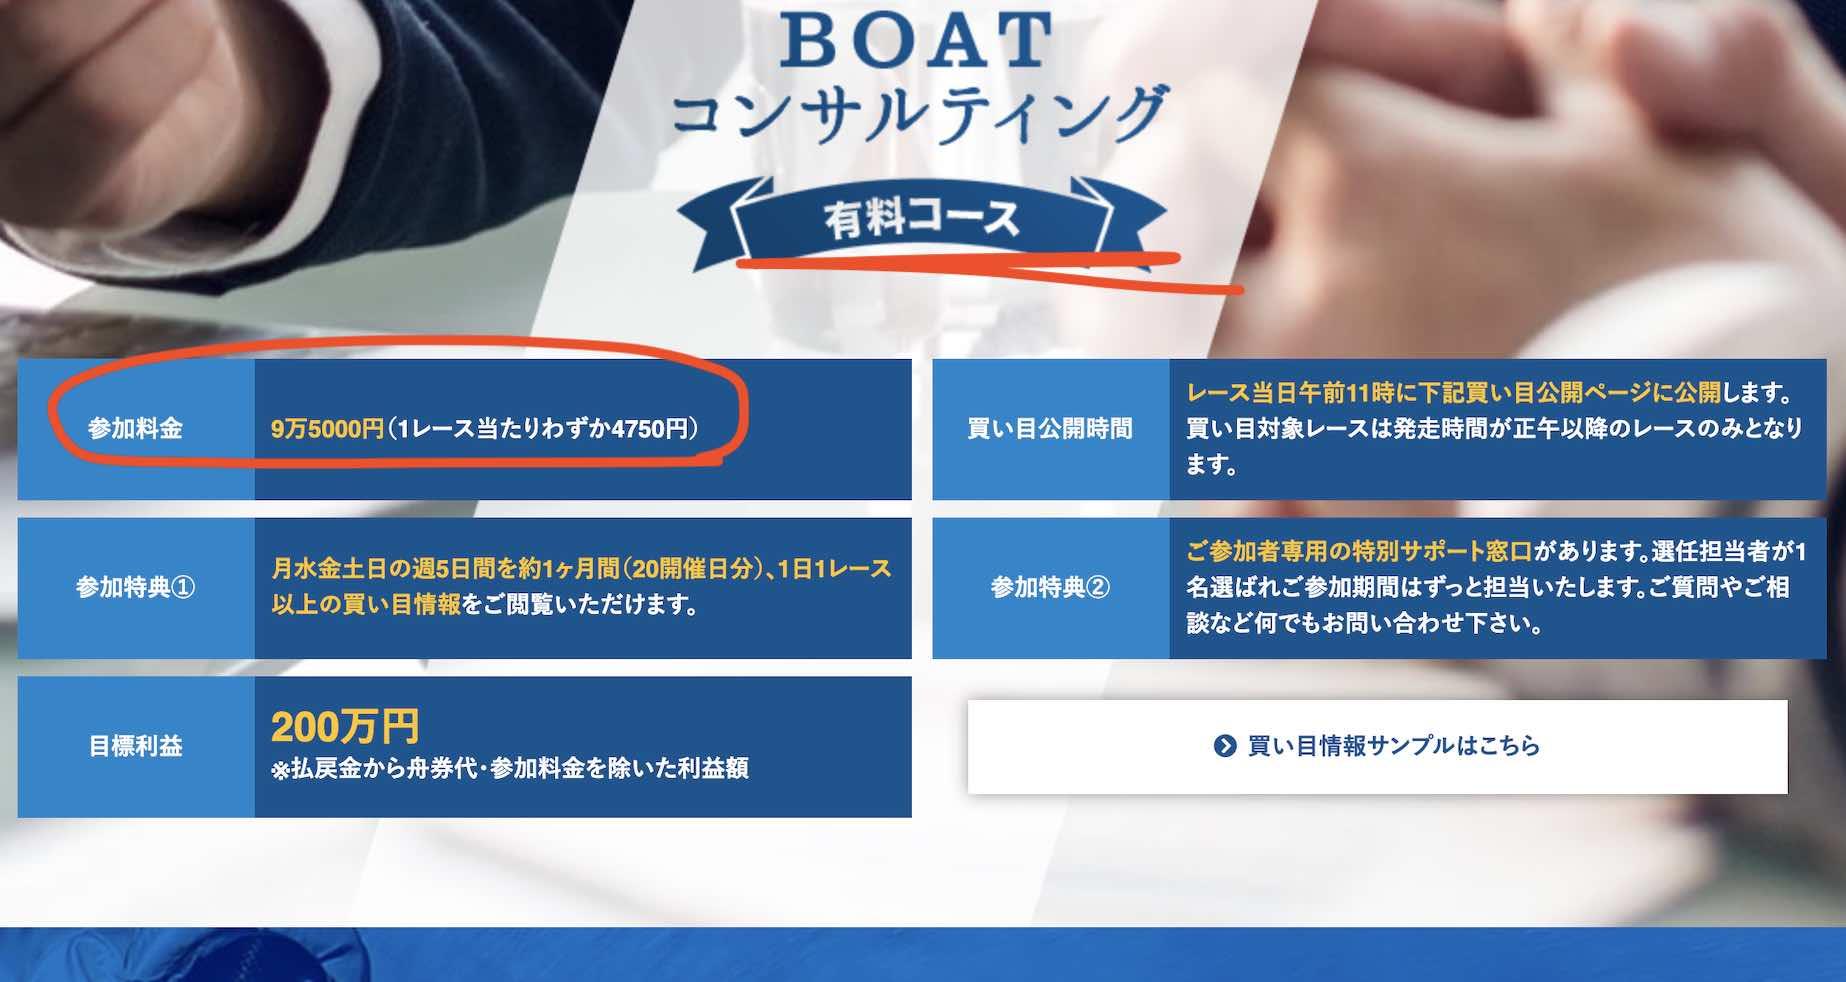 ボートコンサルティング(BOATコンサルティング)のコースは1つしかない